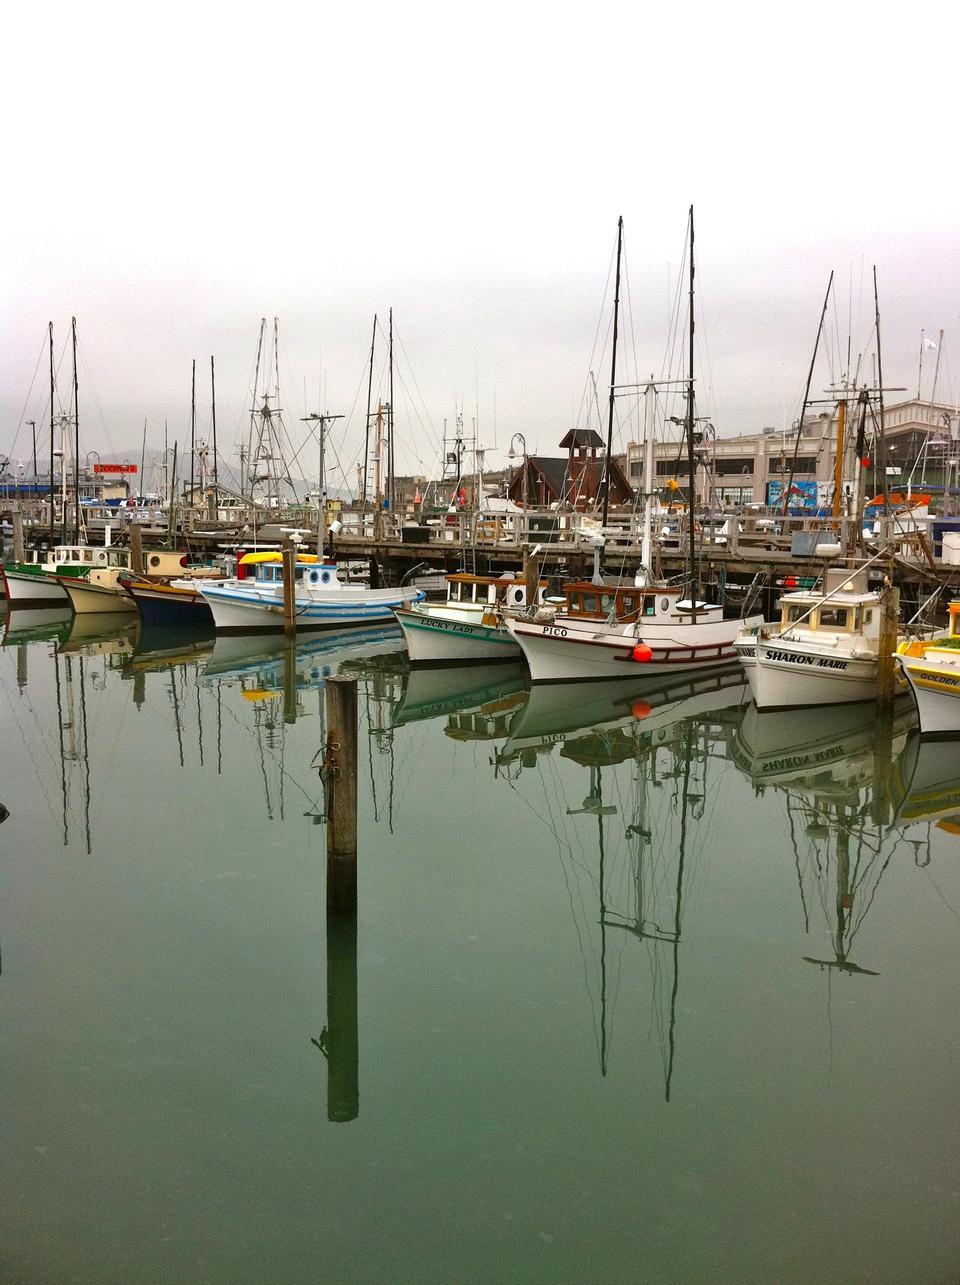 Free Fishing boats at Fisherman's Wharf in San Francisco